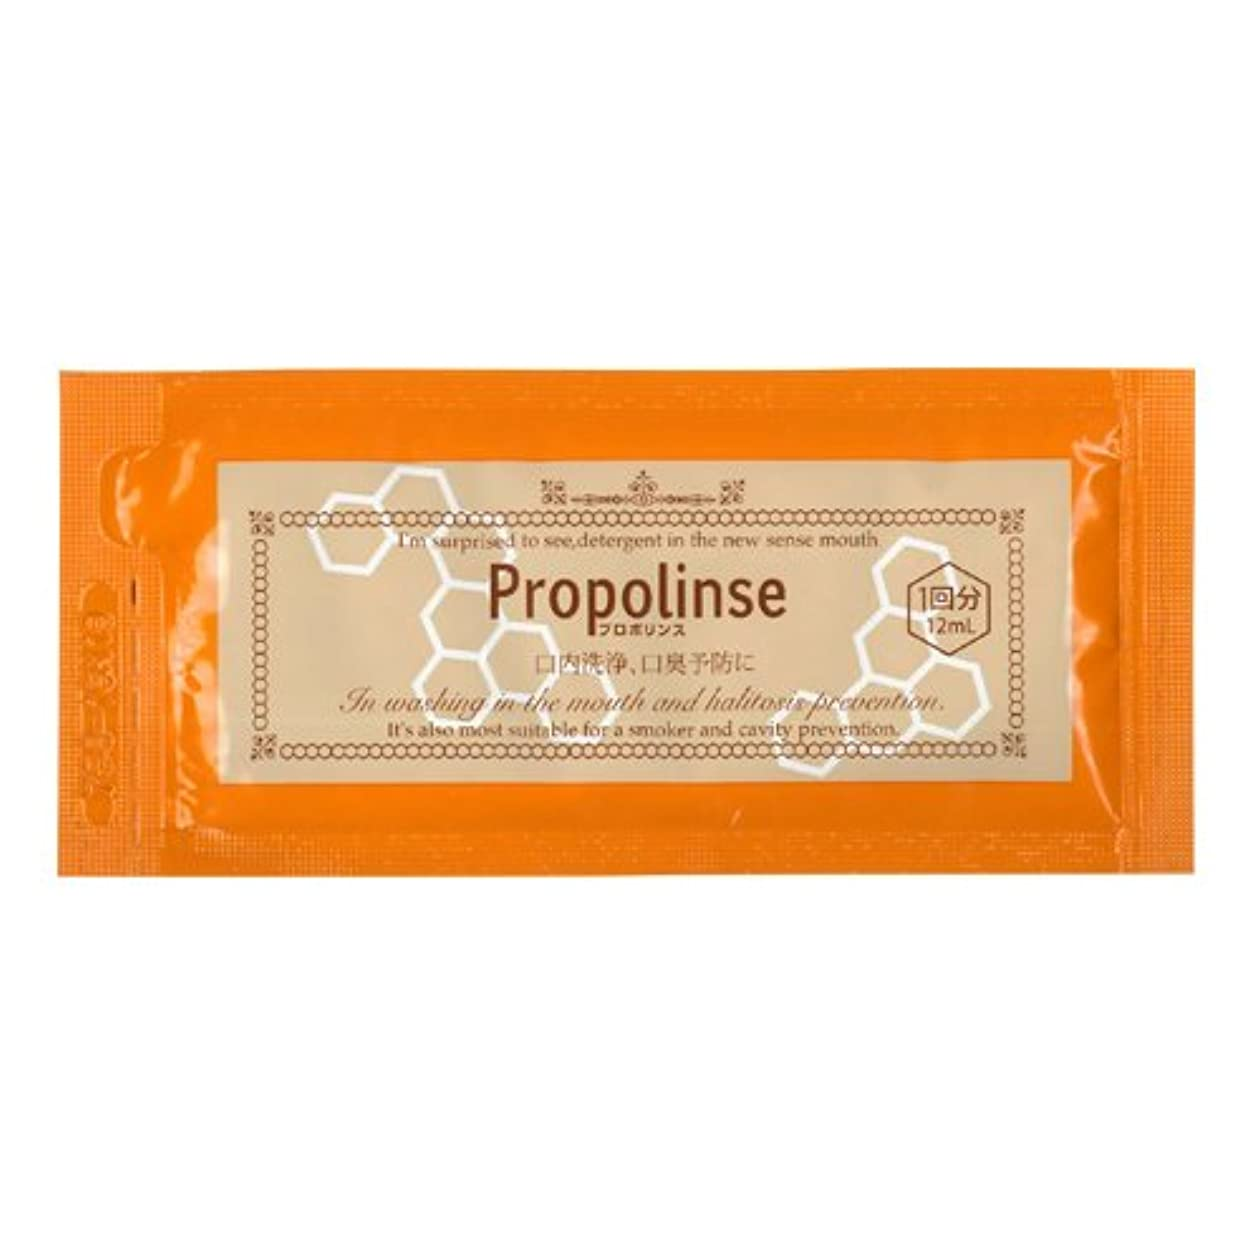 キリンヒント集中的なプロポリンス ハンディパウチ 12ml(1袋)×100袋